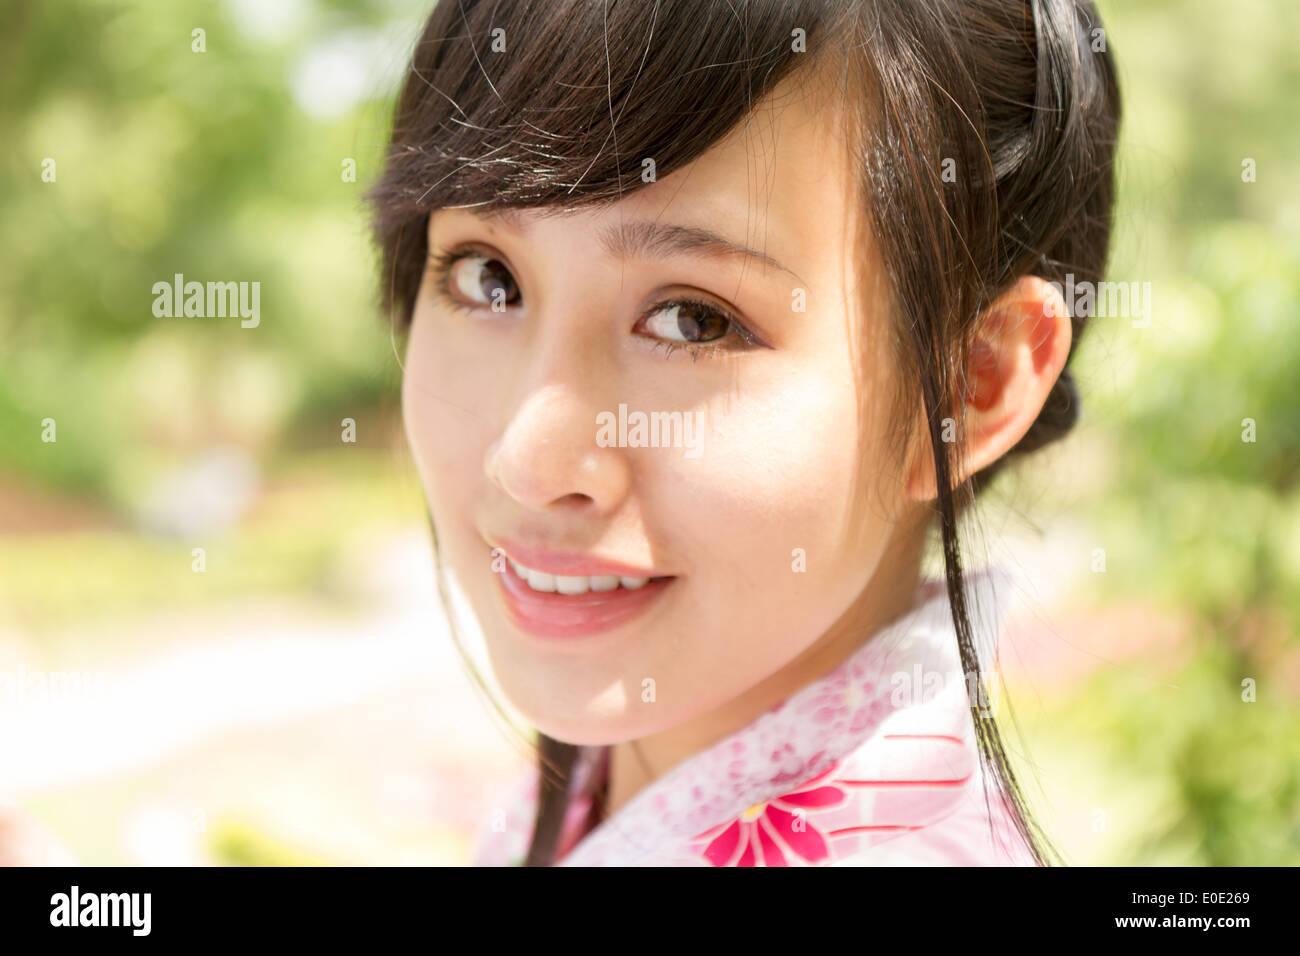 Femme chinoise portant des kimono de style traditionnel japonais jardin Photo Stock